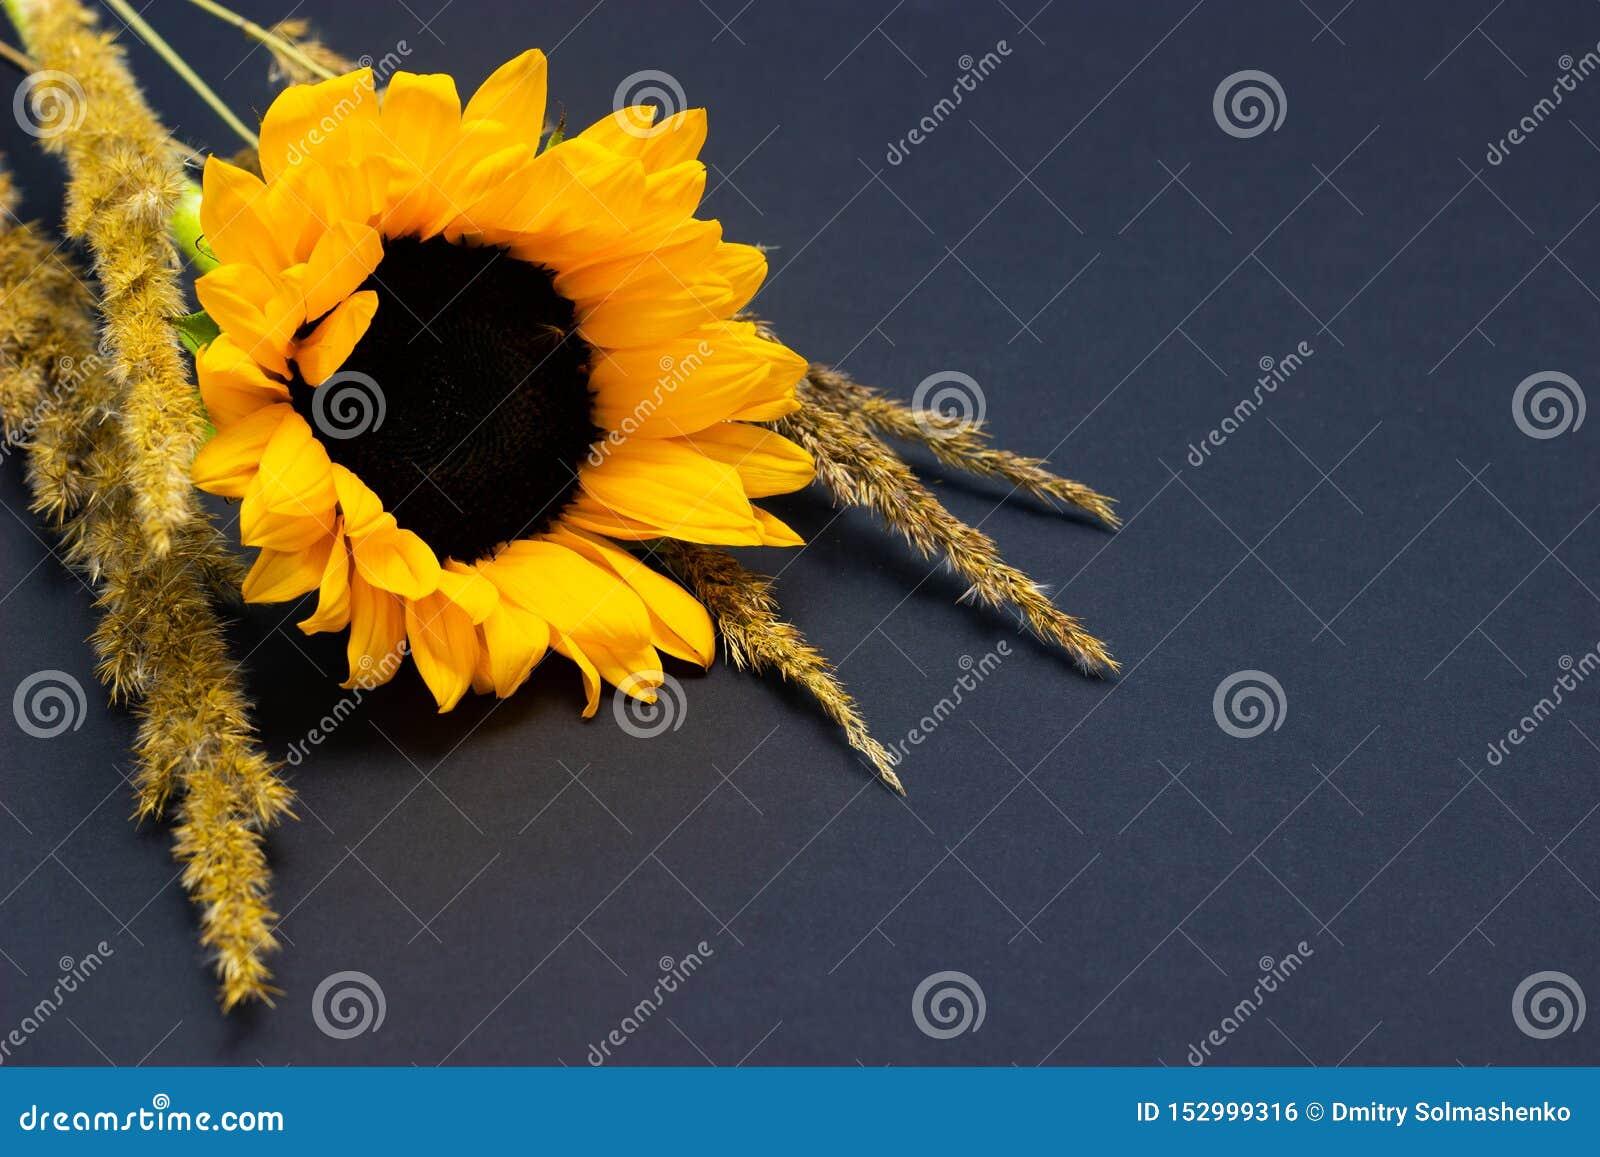 Подсолнечник, яркий желтый солнцецвет с хлопьями на предпосылке темной предпосылки флористической